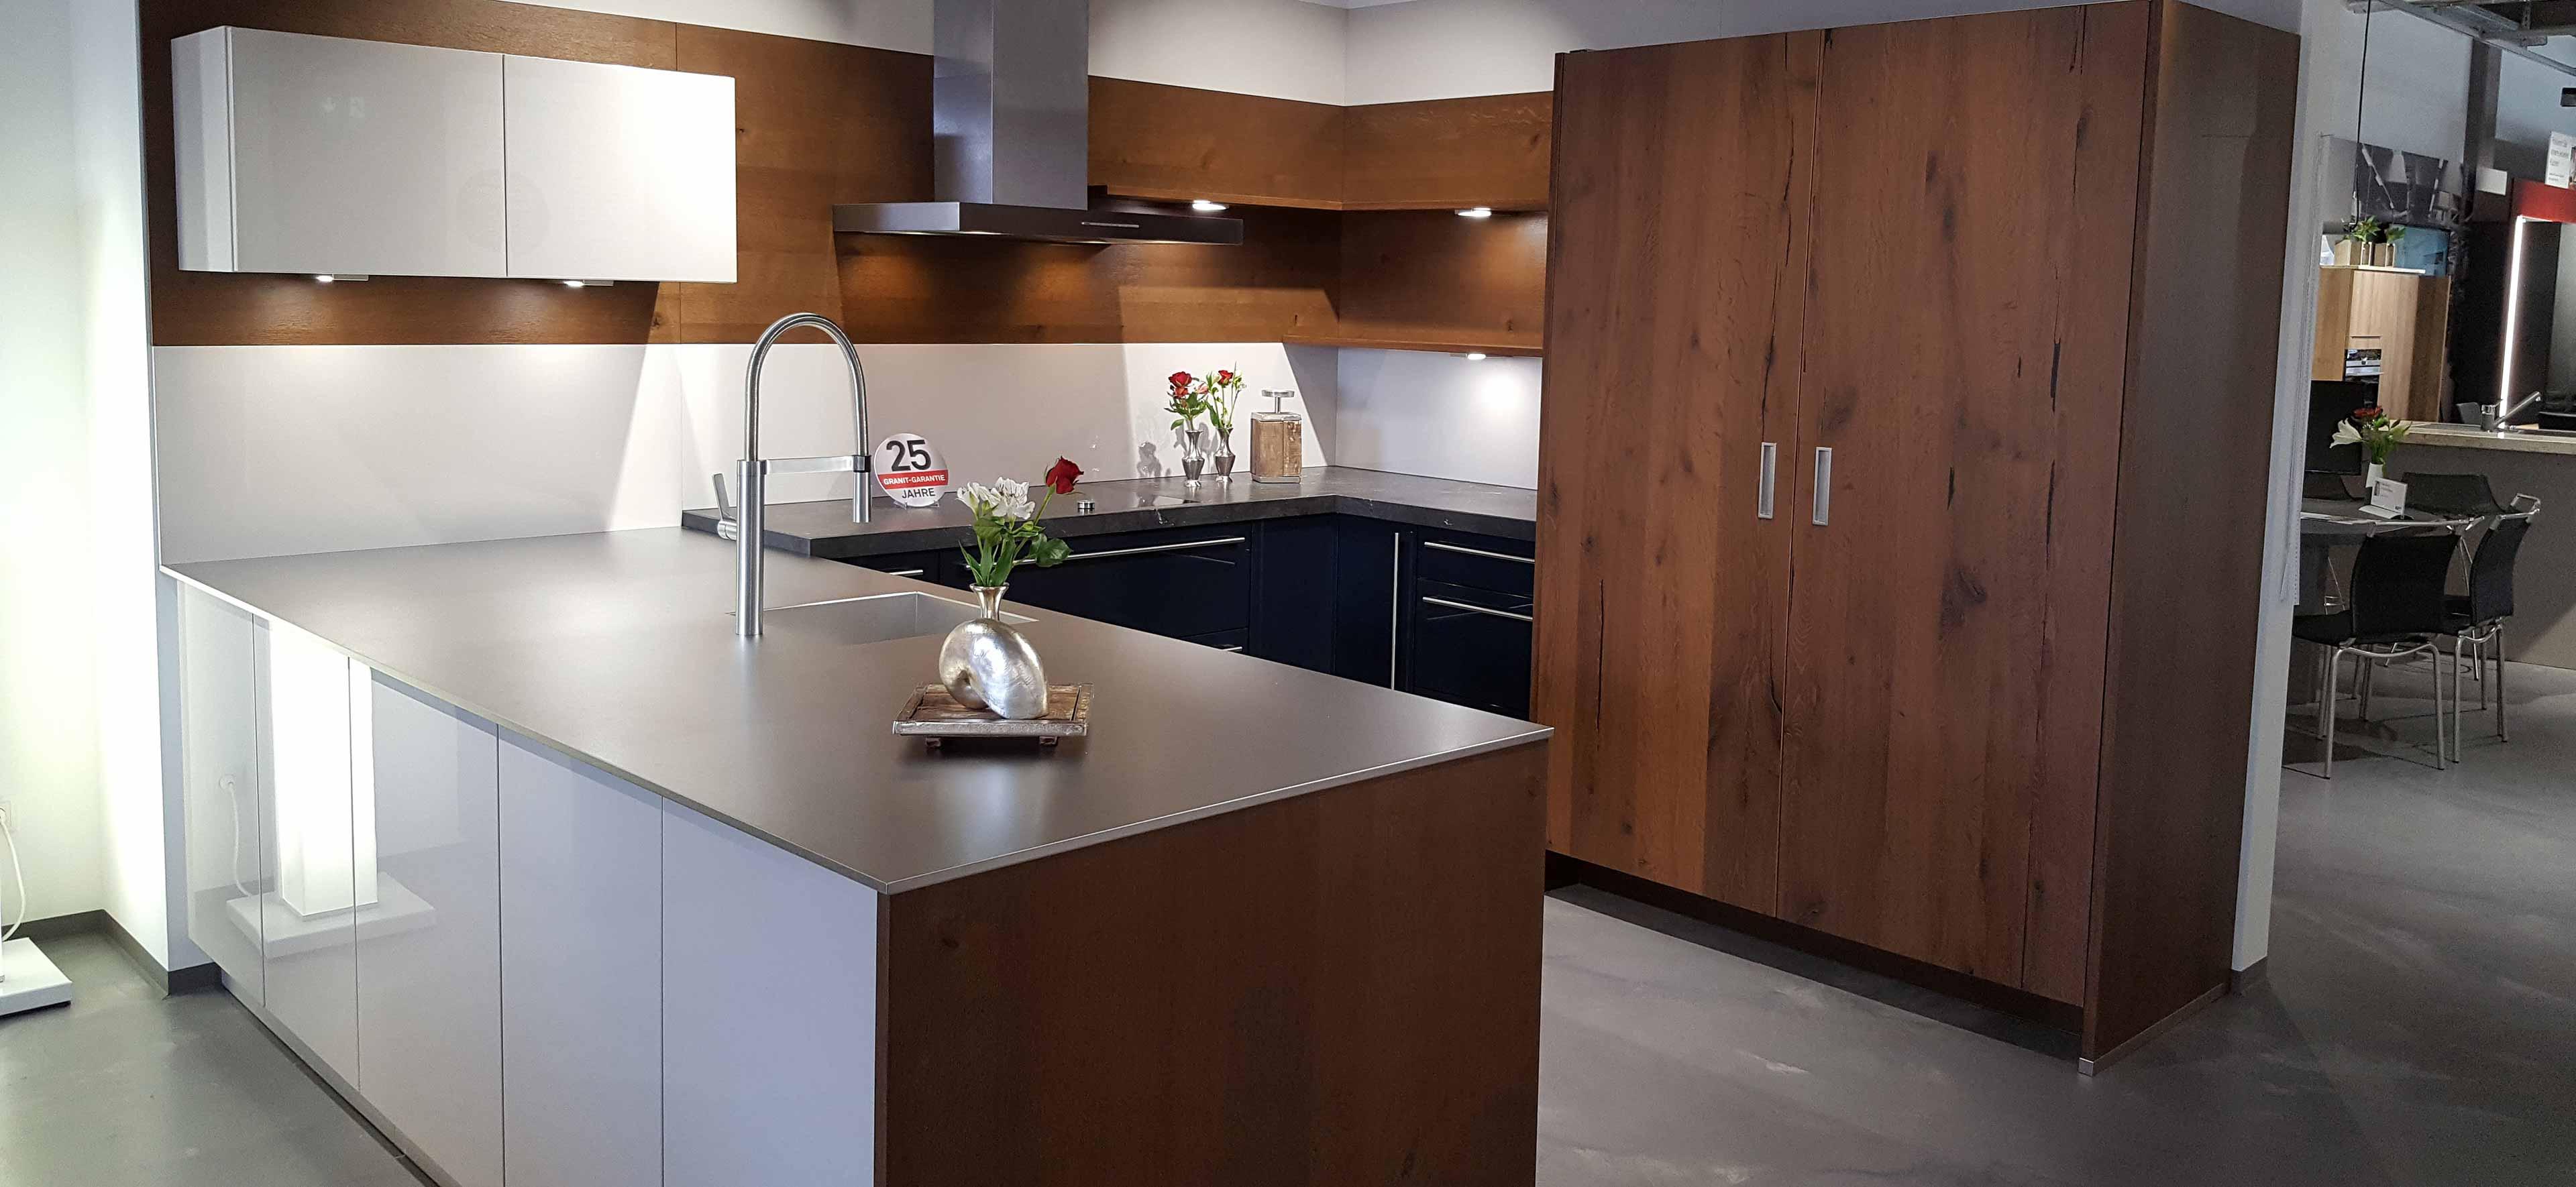 marquardt k chen in kassel branchenbuch deutschland. Black Bedroom Furniture Sets. Home Design Ideas